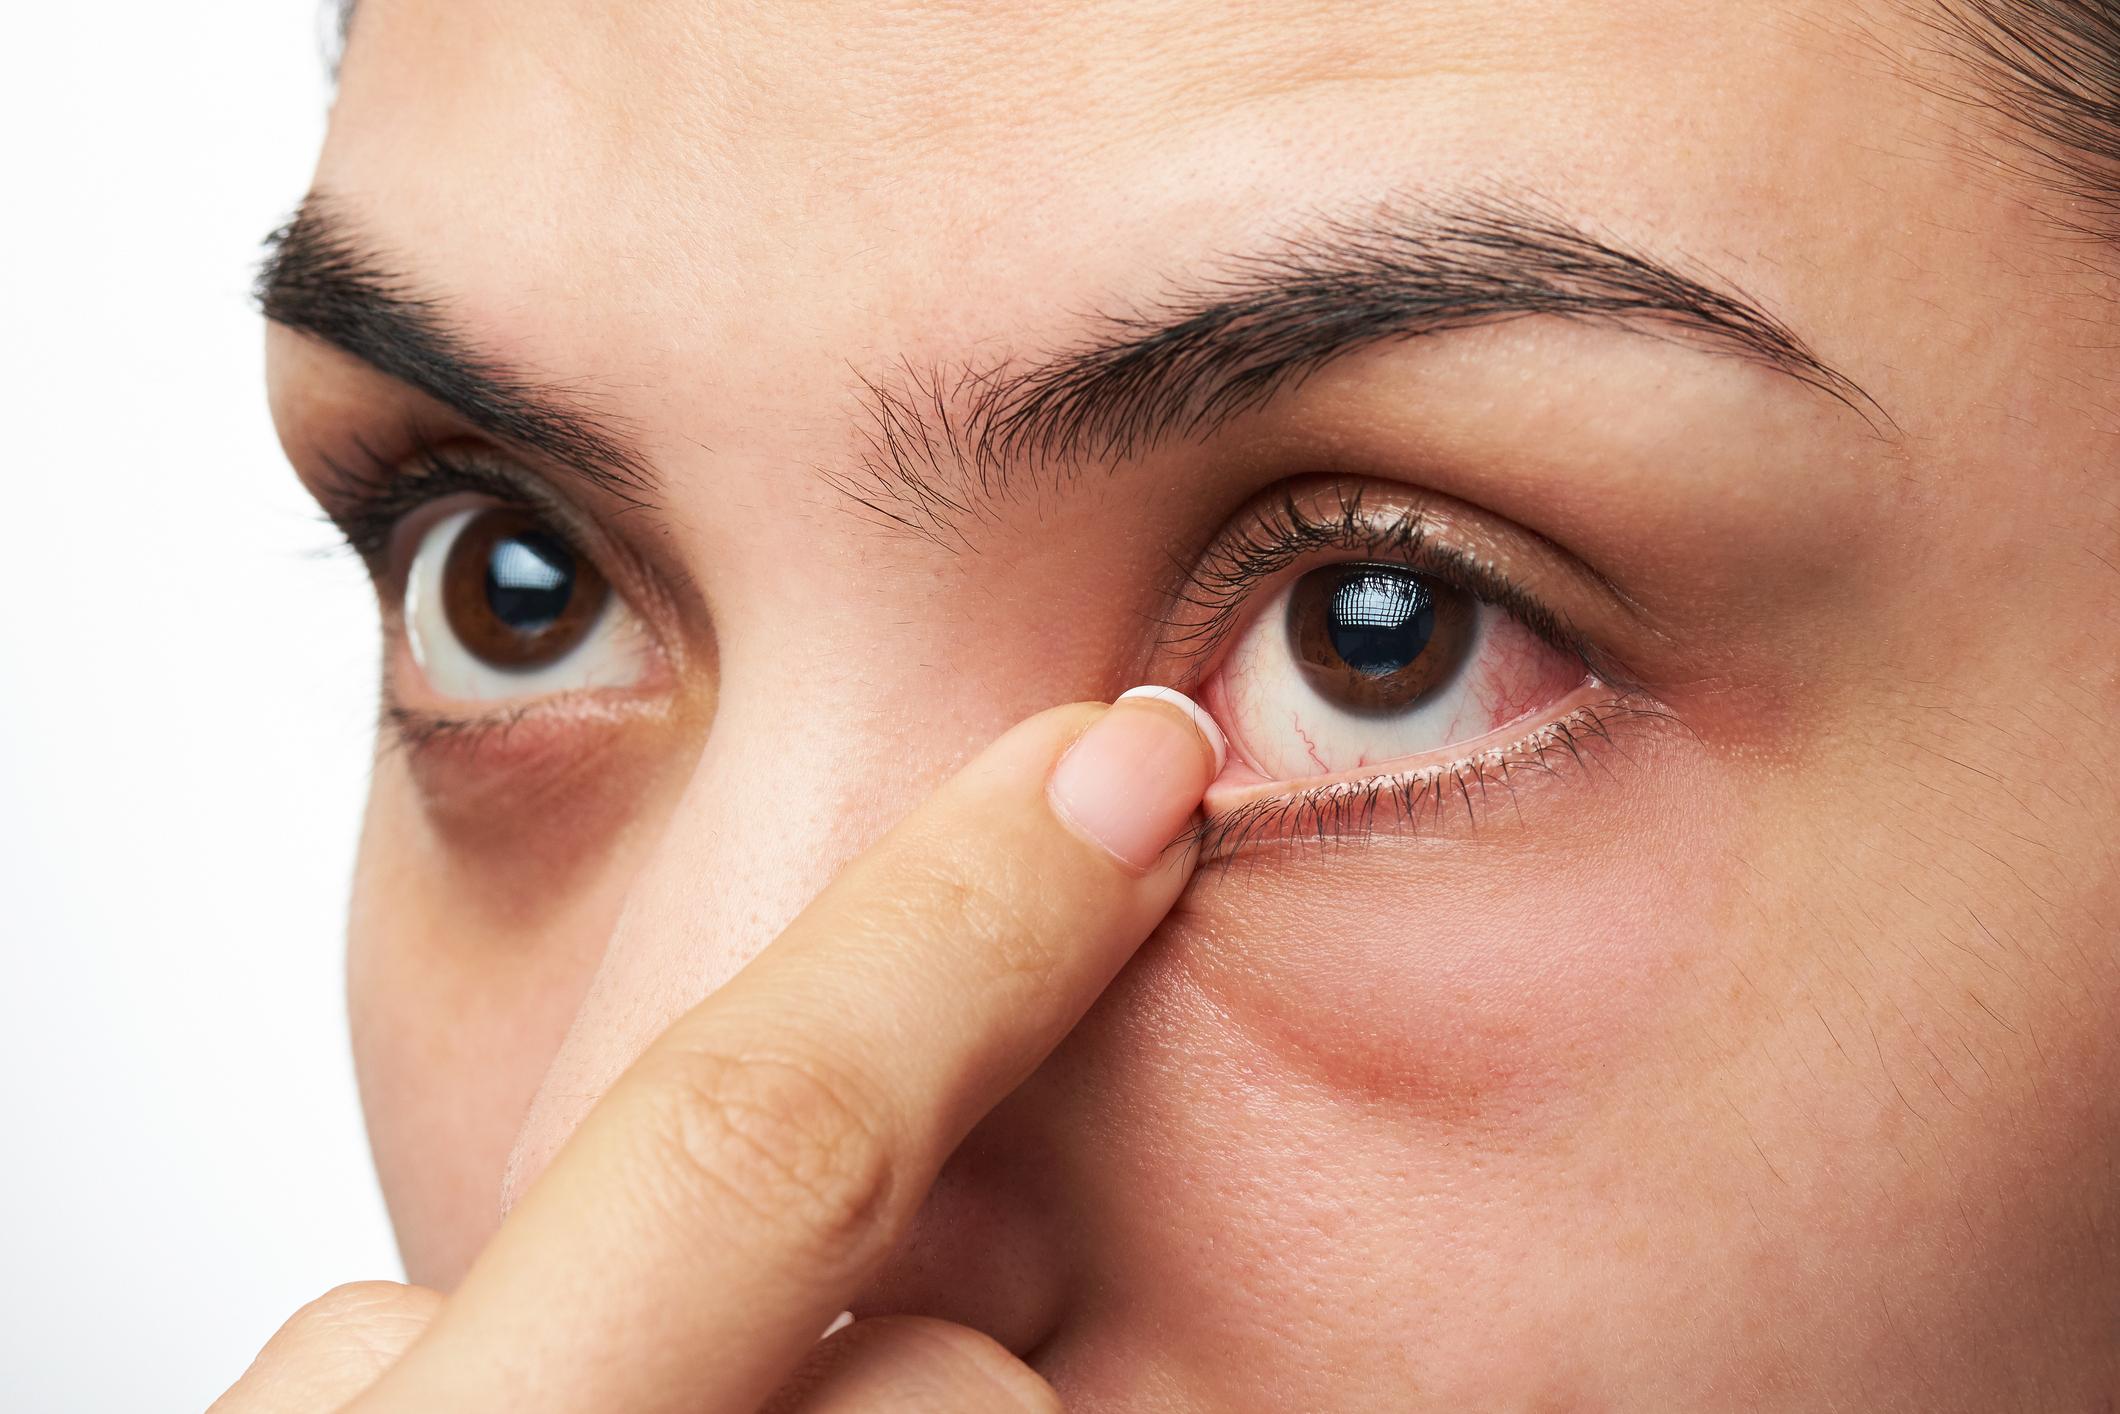 Coronavirus found in patient's eyes - The Washington Post